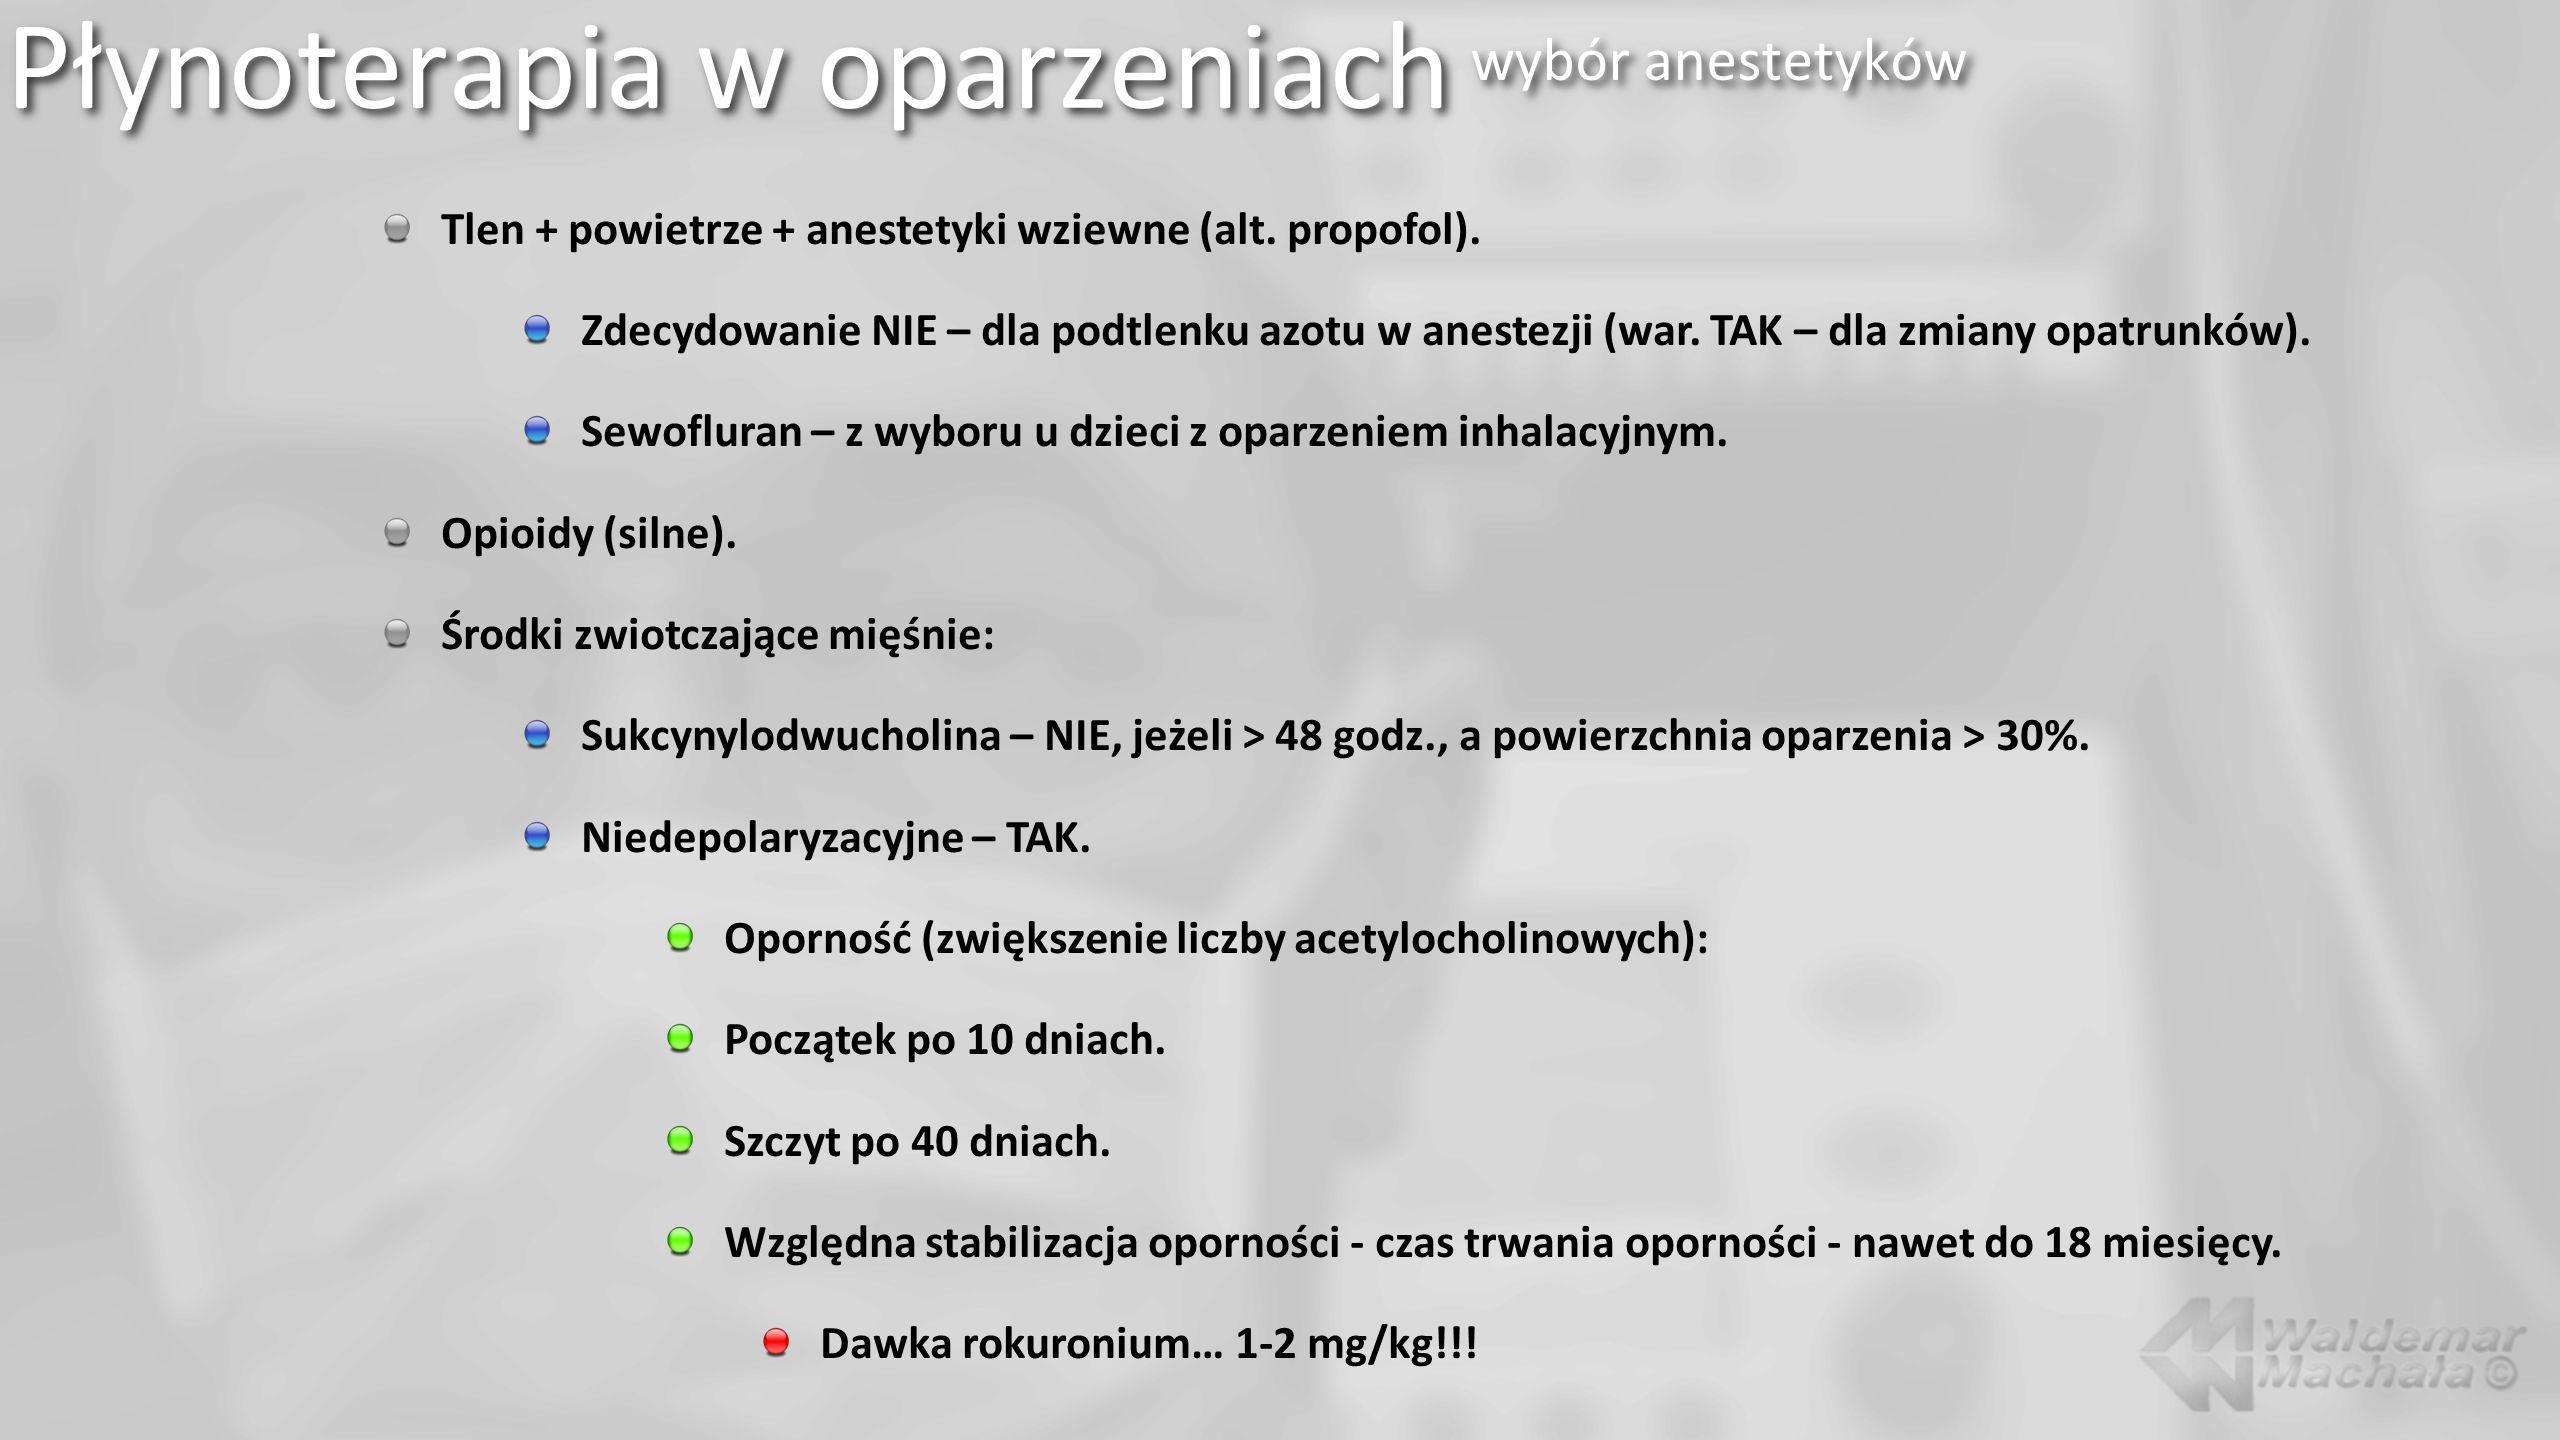 Płynoterapia w oparzeniach wybór anestetyków